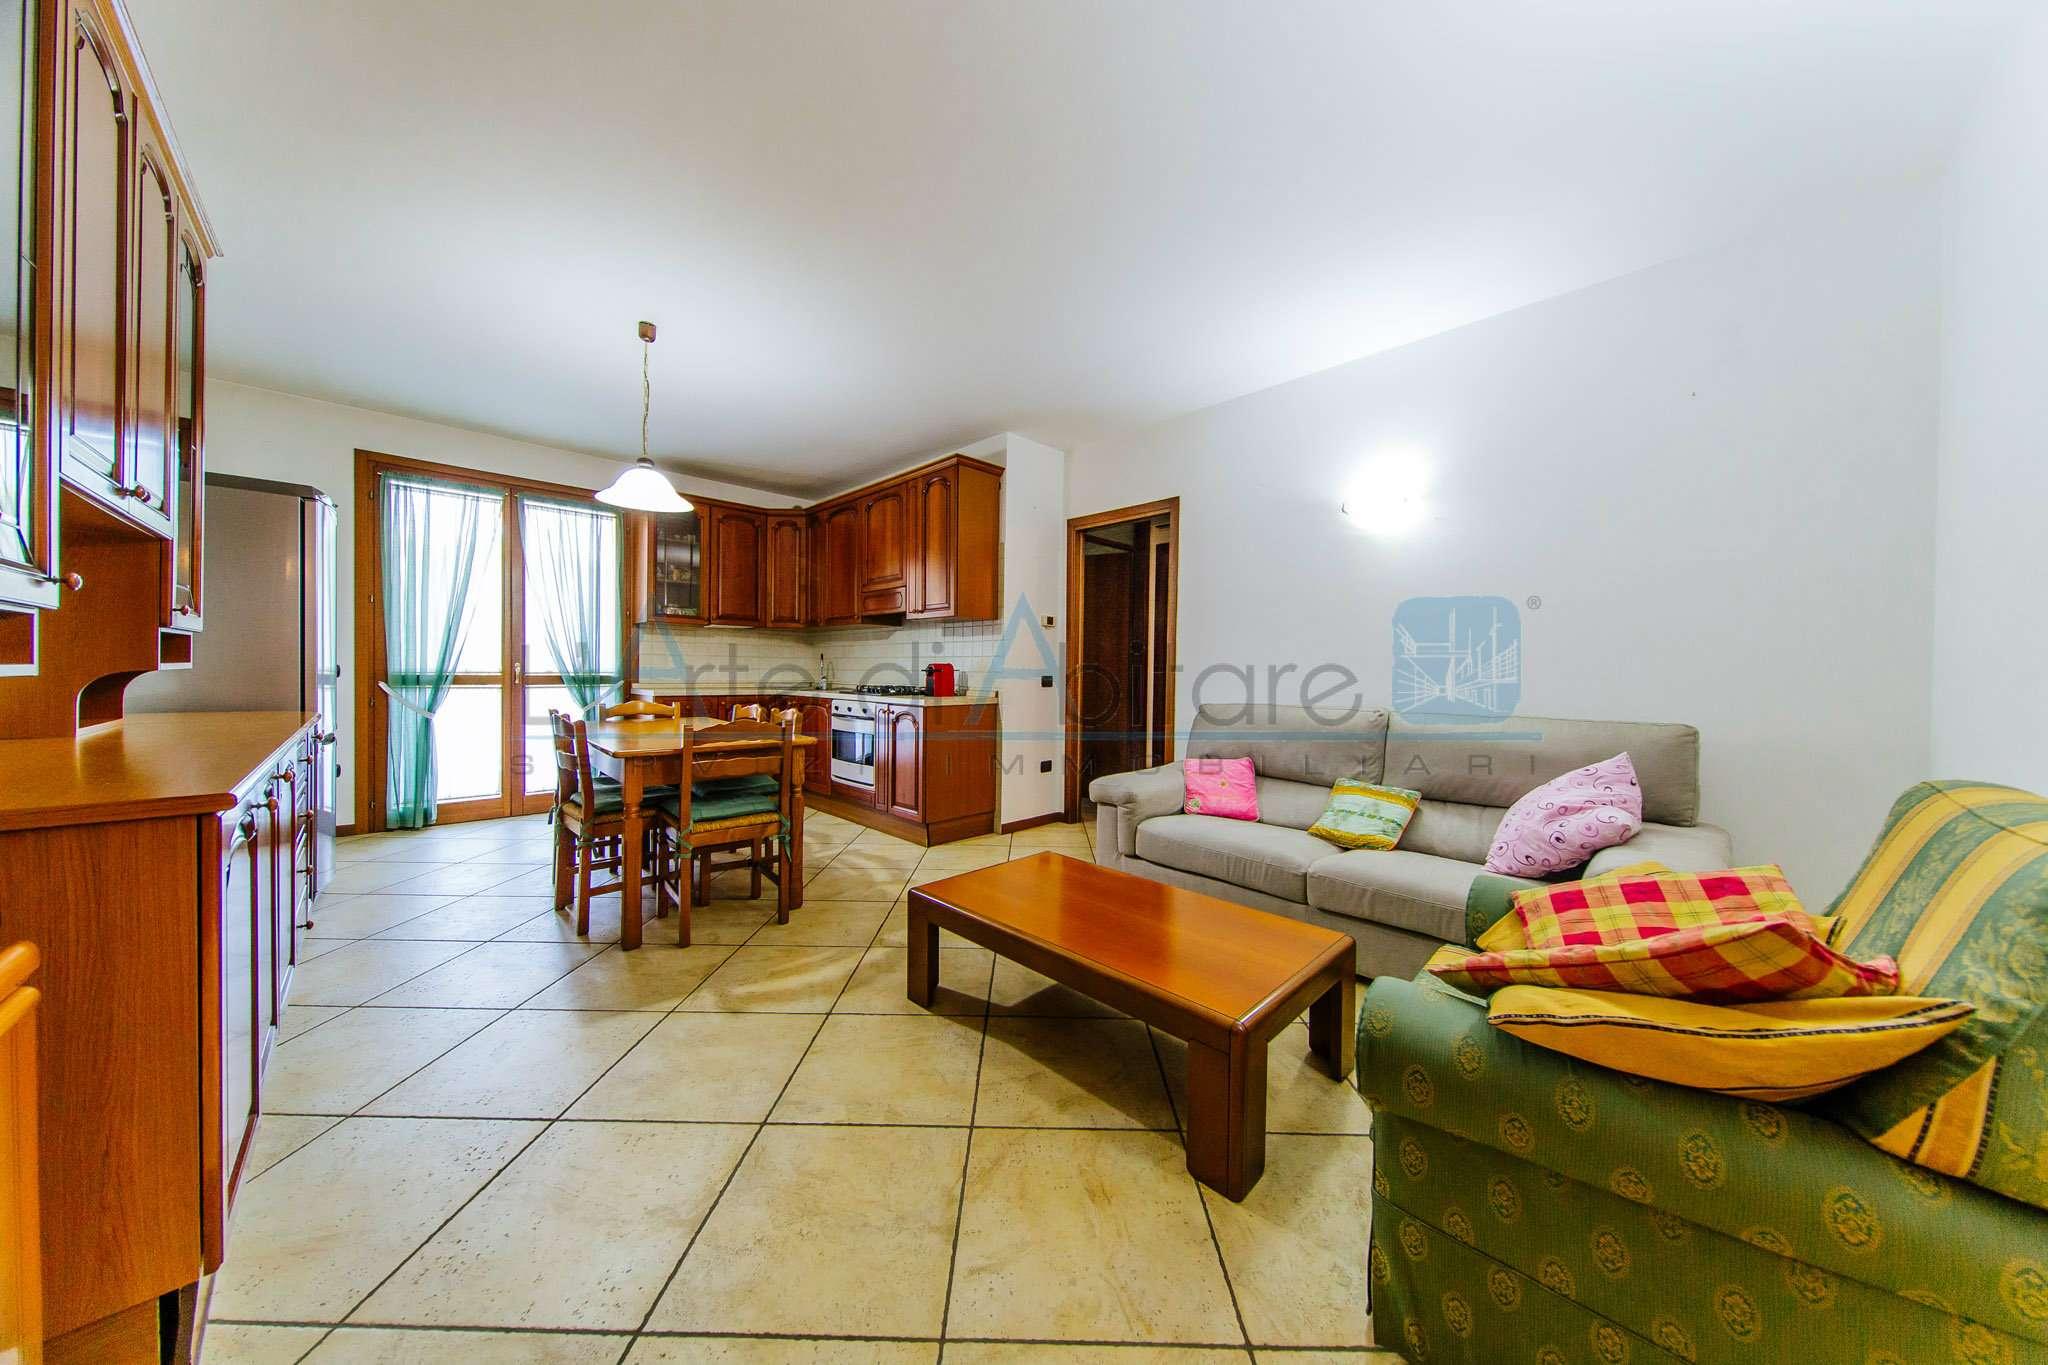 Appartamento in vendita Rif. 8649297